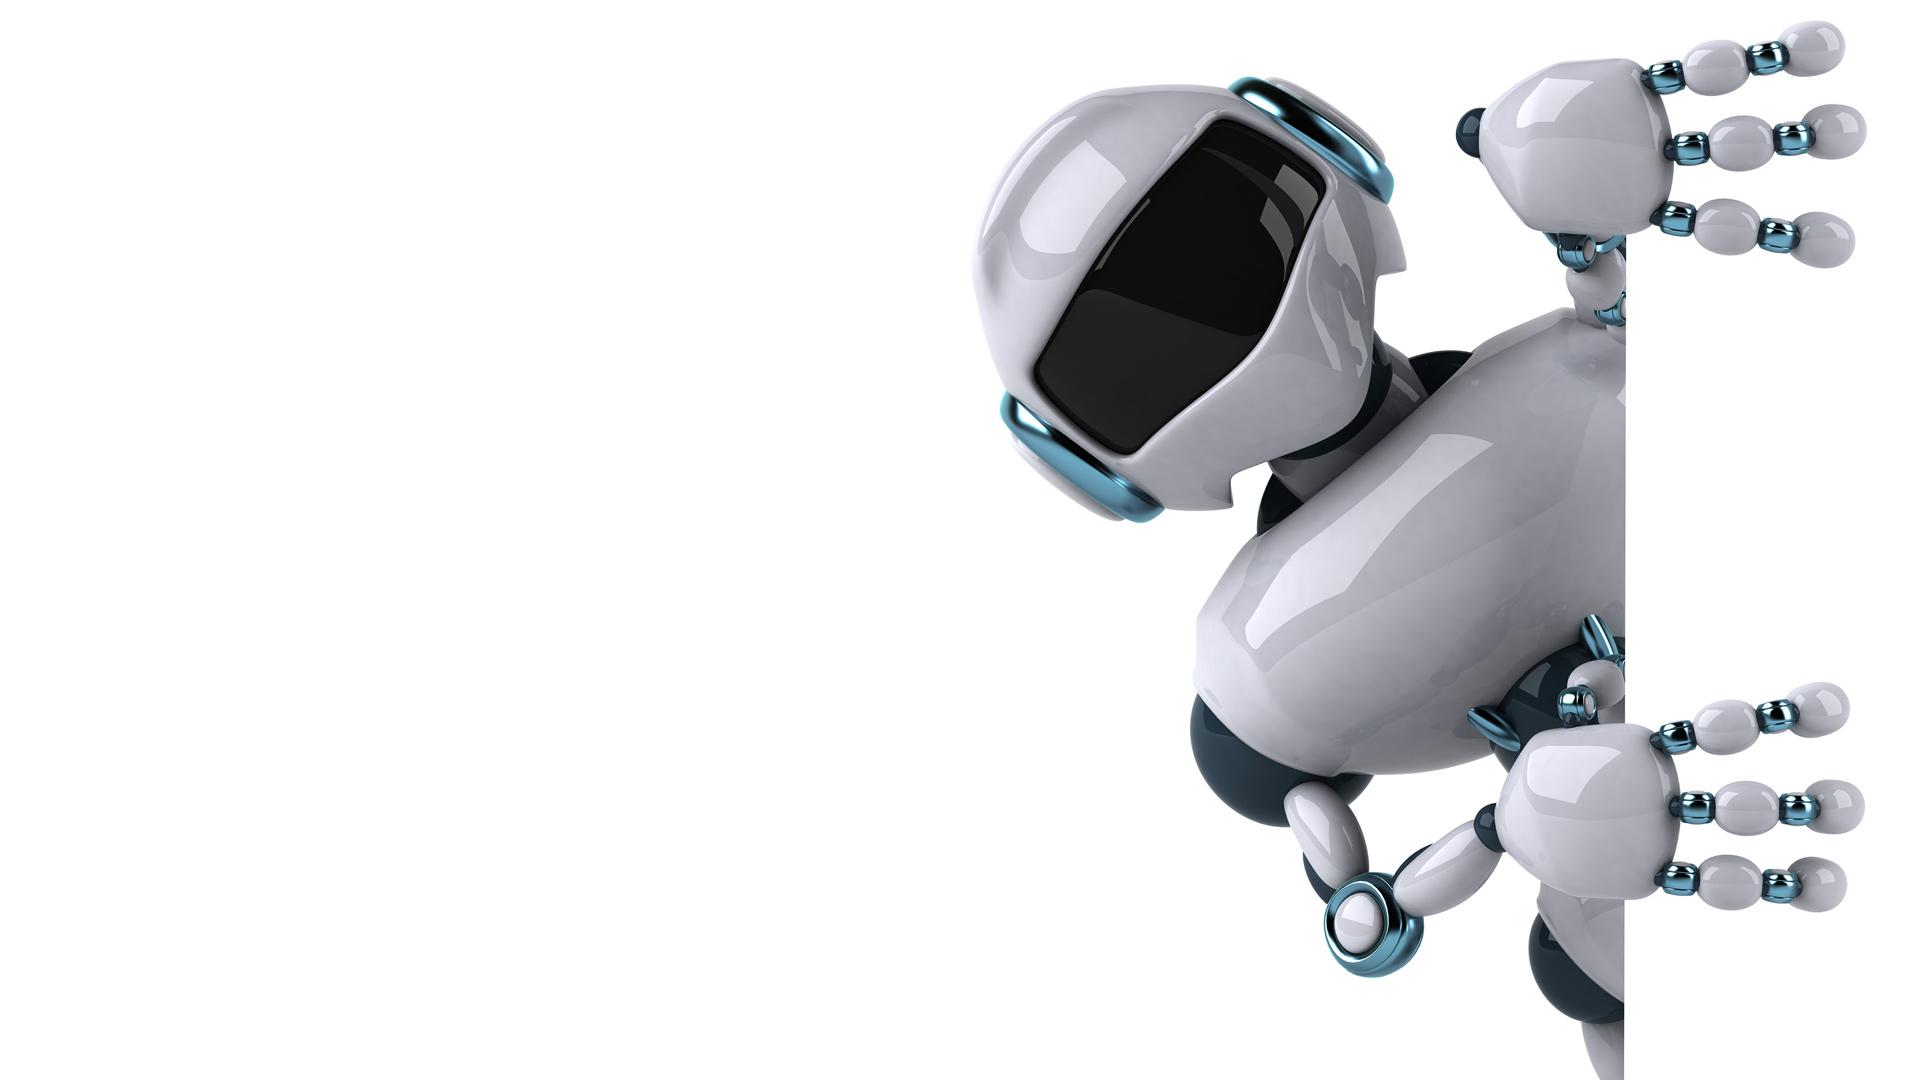 картинка с роботами для презентации